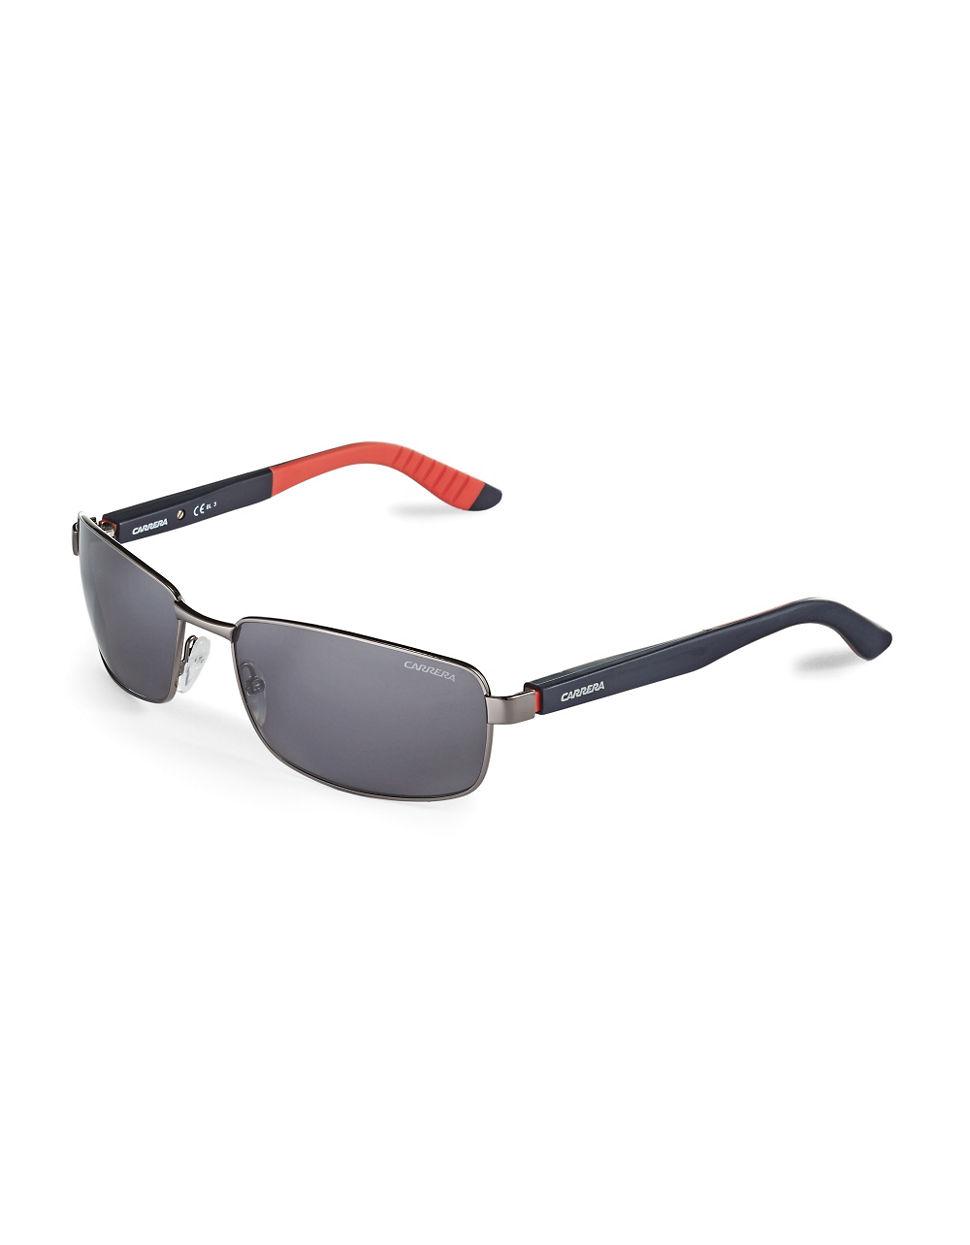 ef4014c3e32b Carrera Polarized Sunglasses For Men Cheap